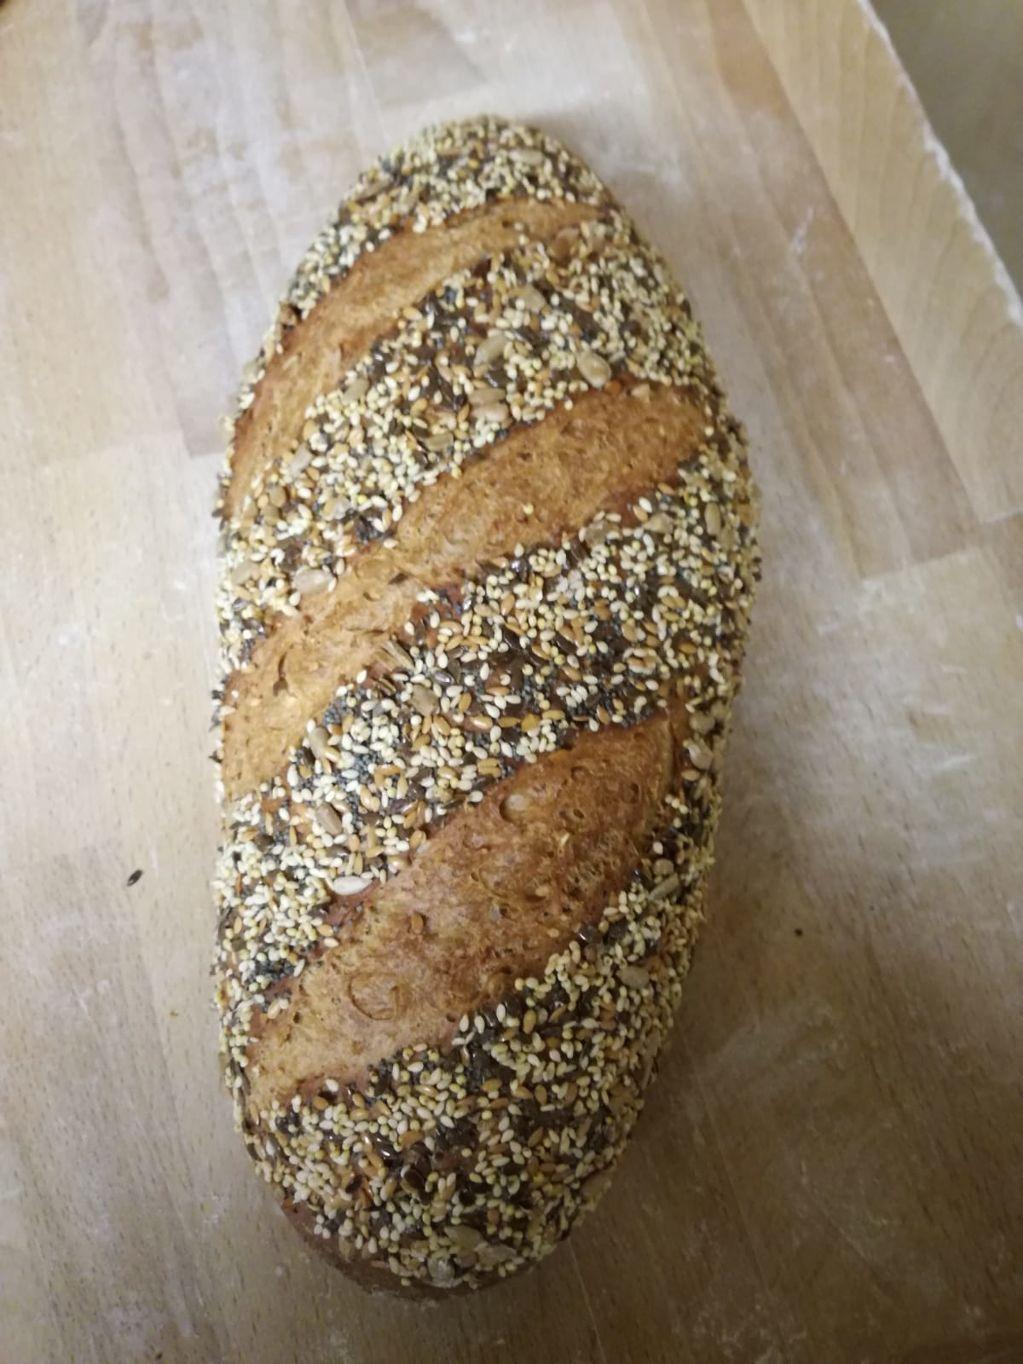 Pa d'espelta integral i malta amb cereals - 148d2-espelta-i-malta.jpg